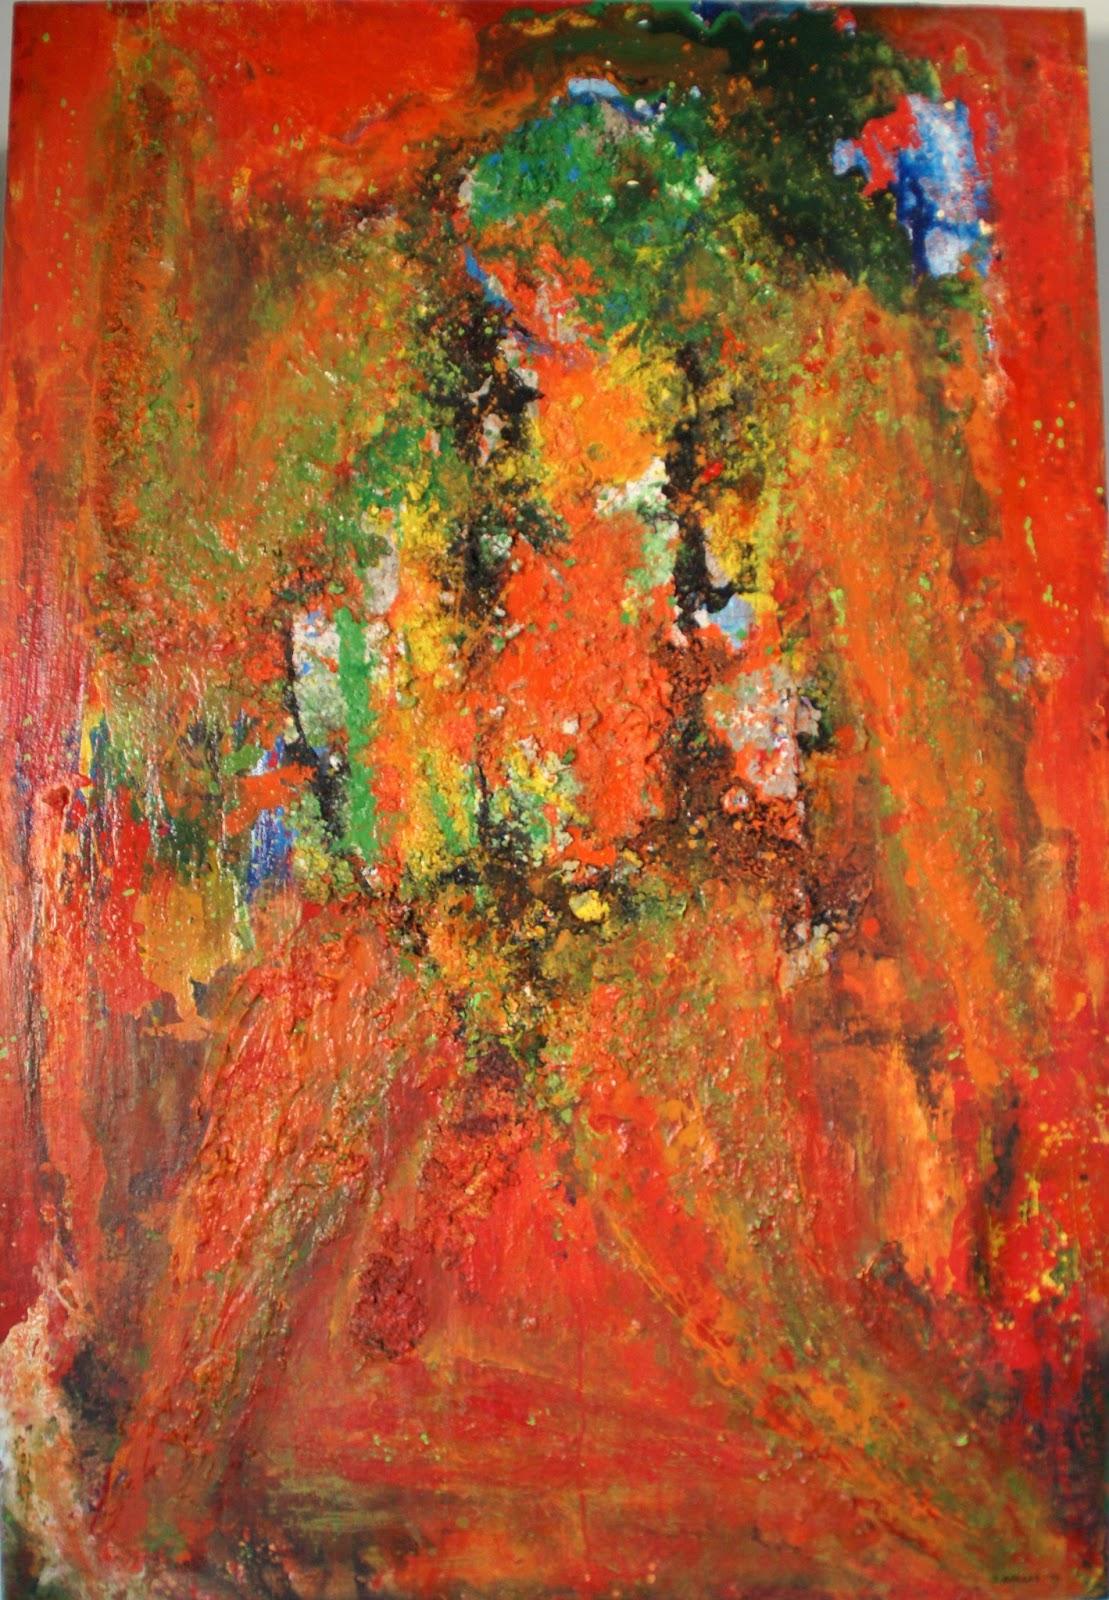 Jacques darras peintre expressionniste et art brut mars for Artiste peintre arras